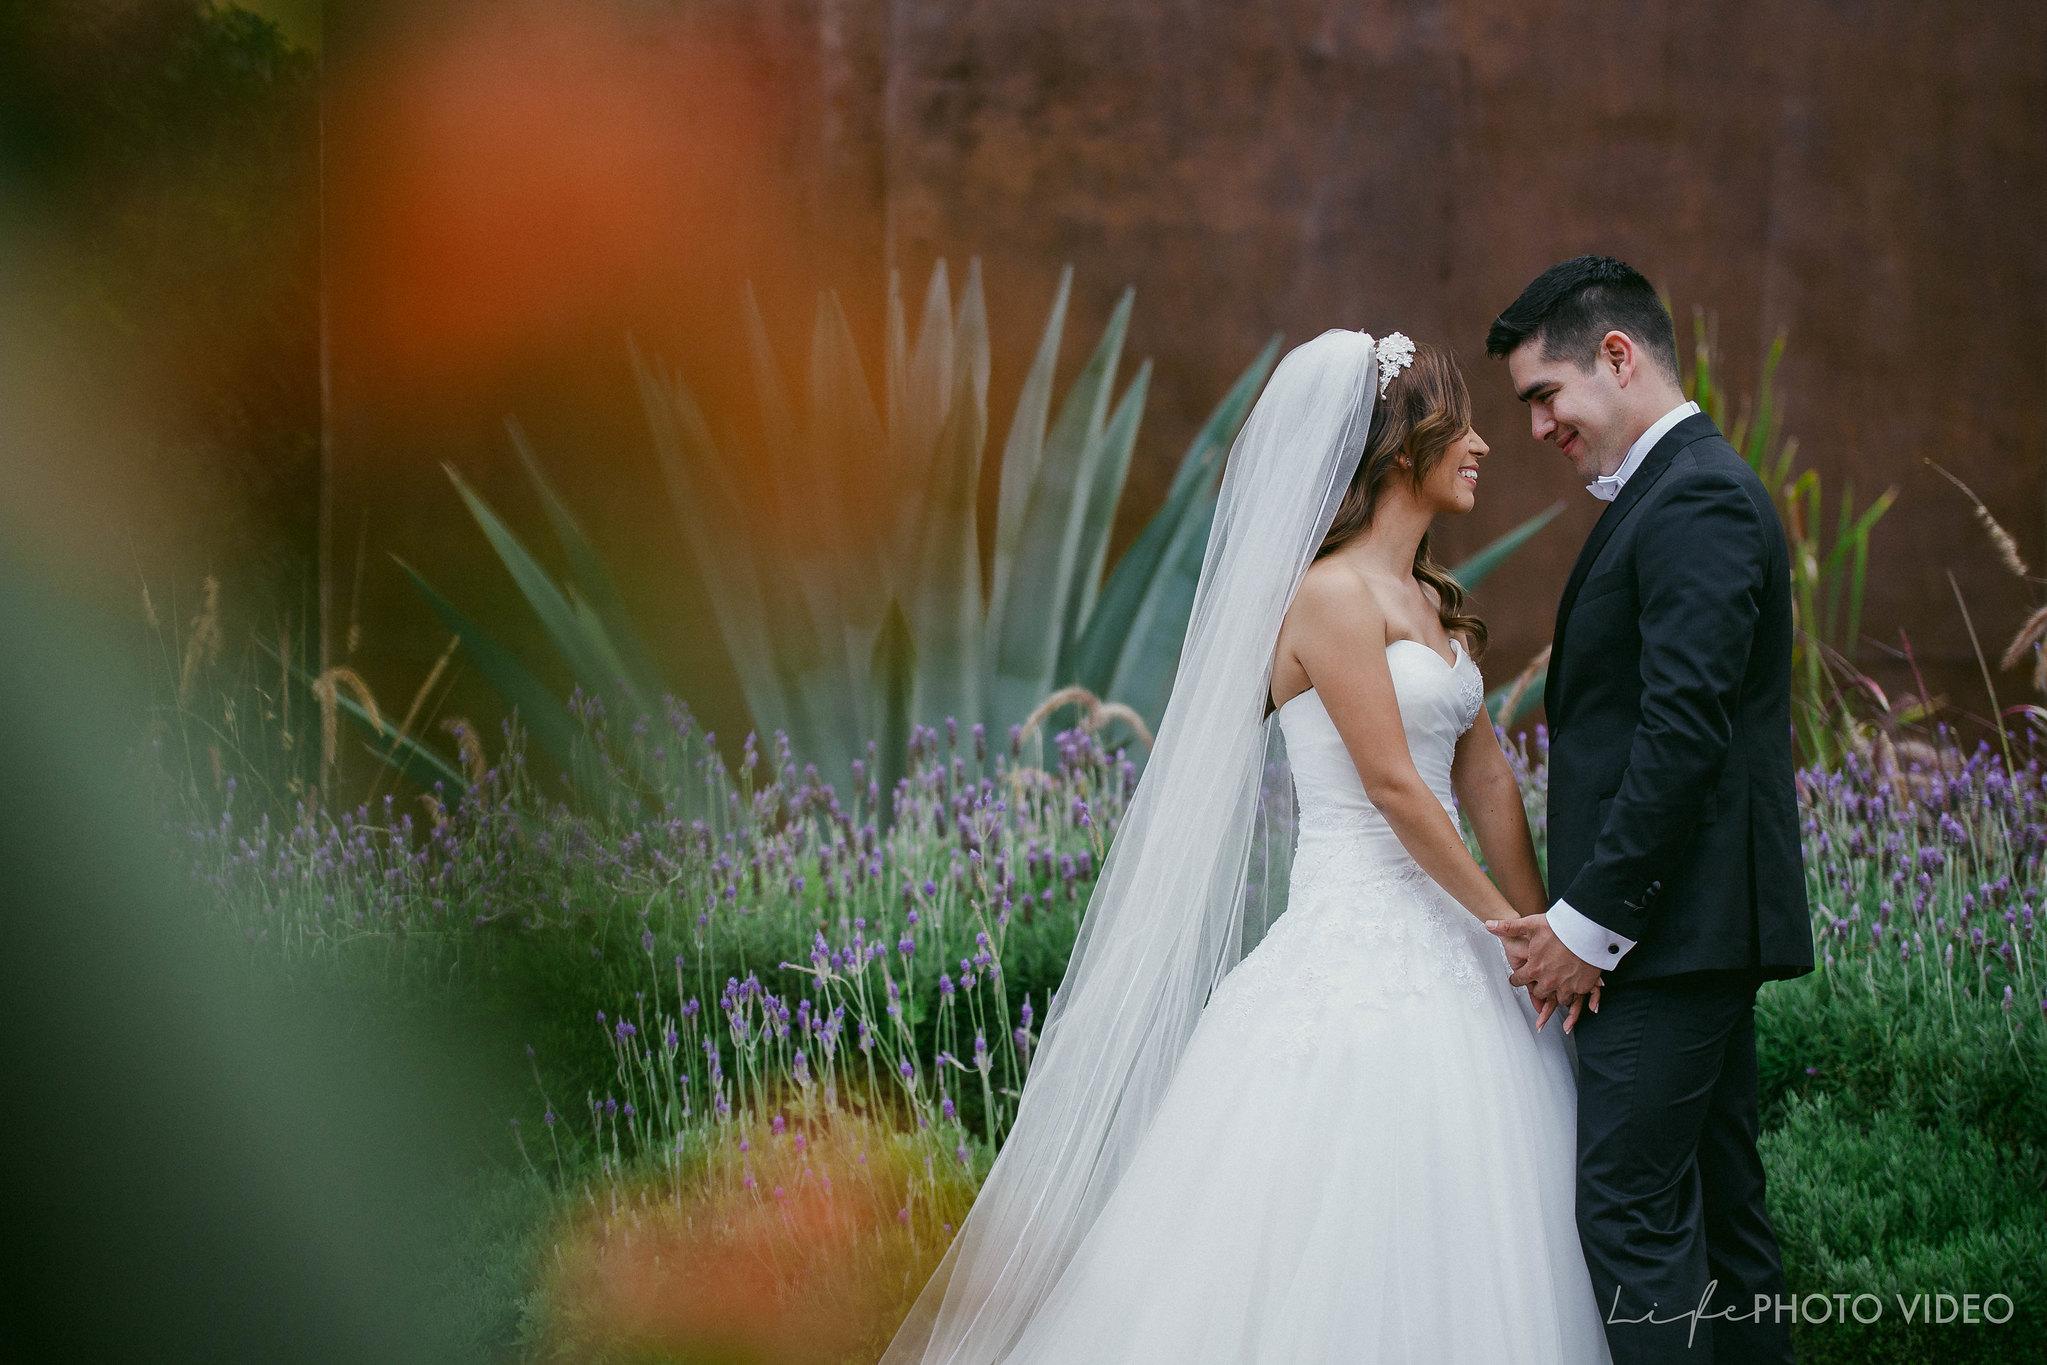 Boda_LeonGto_Wedding_LifePhotoVideo_0021.jpg